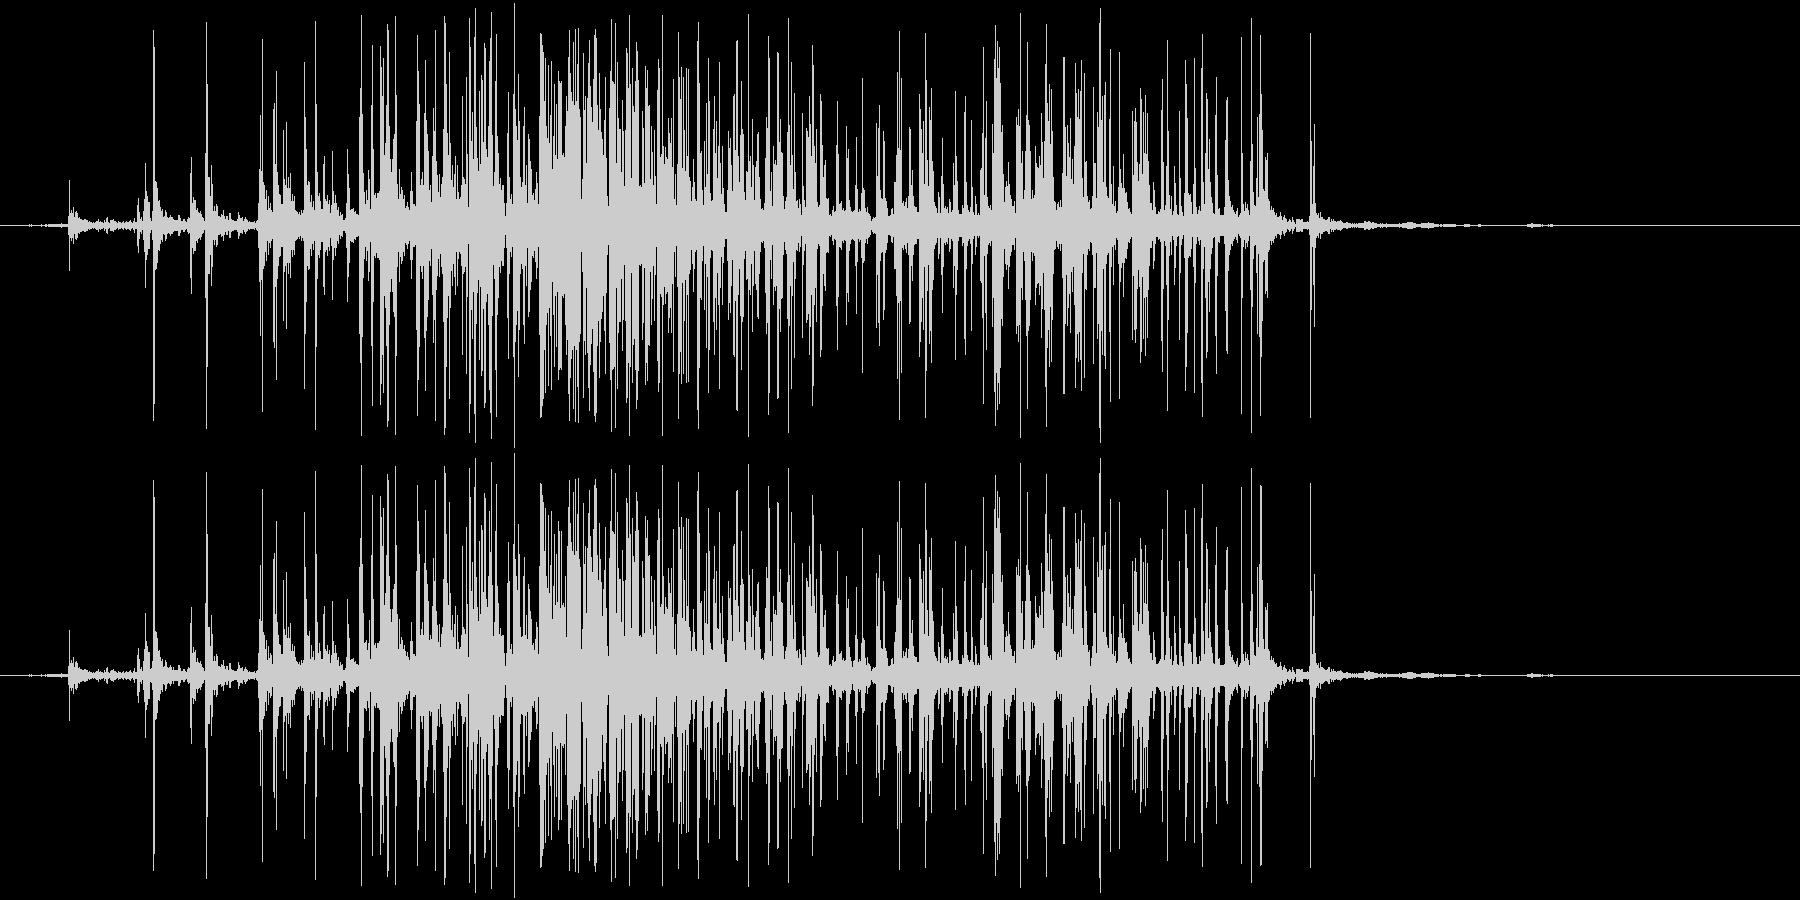 ベリベリ(ベルクロ)の未再生の波形